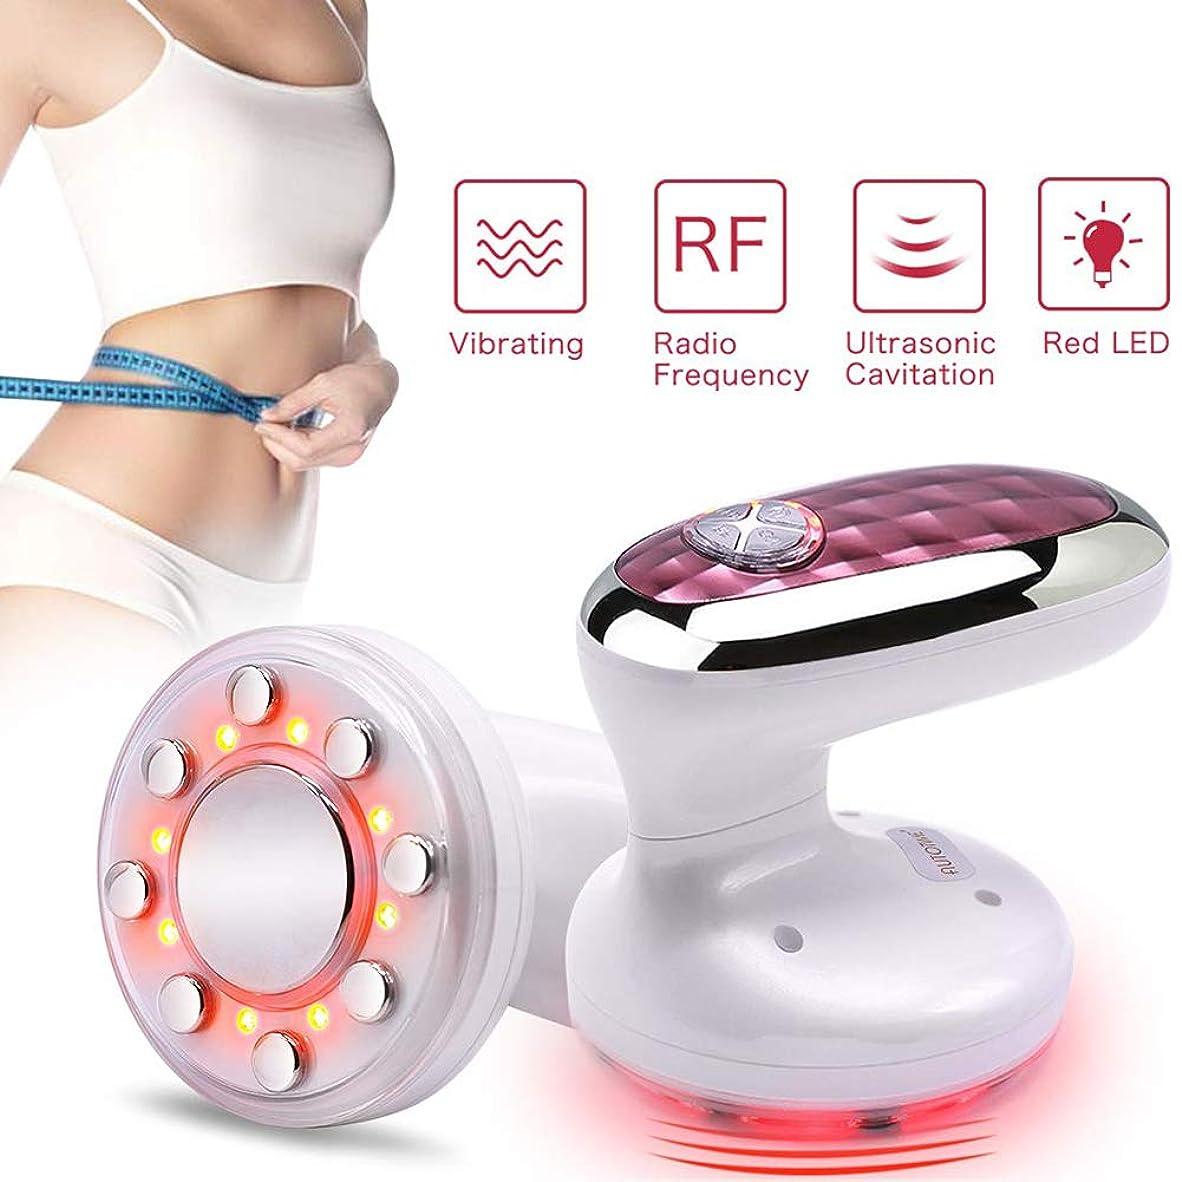 脂肪除去機、1つの再充電可能な脂肪に付き3つは腕の脚の皮のきつく締まることのための美装置を取除きます